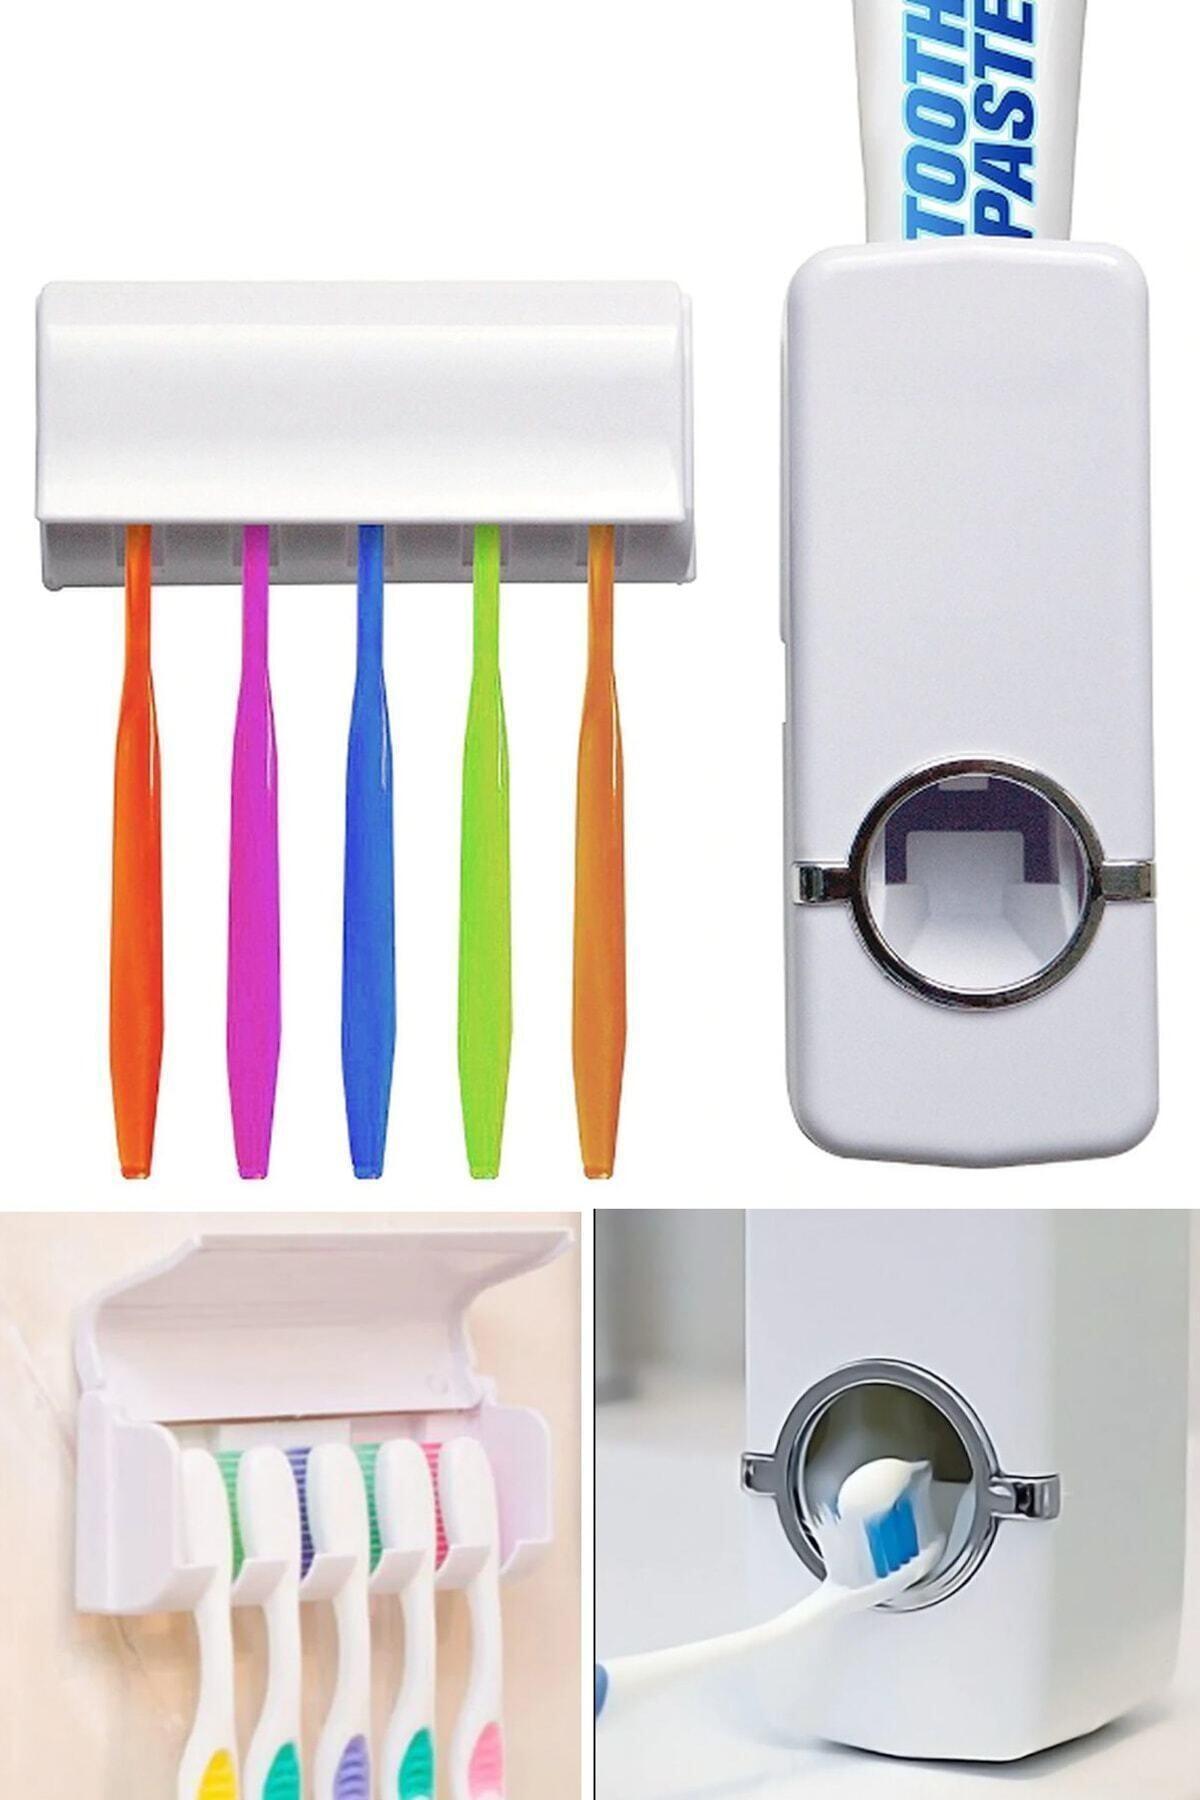 Arsimo Diş Macunu Sıkacağı Diş Fırçalığı 5 Adet Diş Fırçası Tutuculu 1